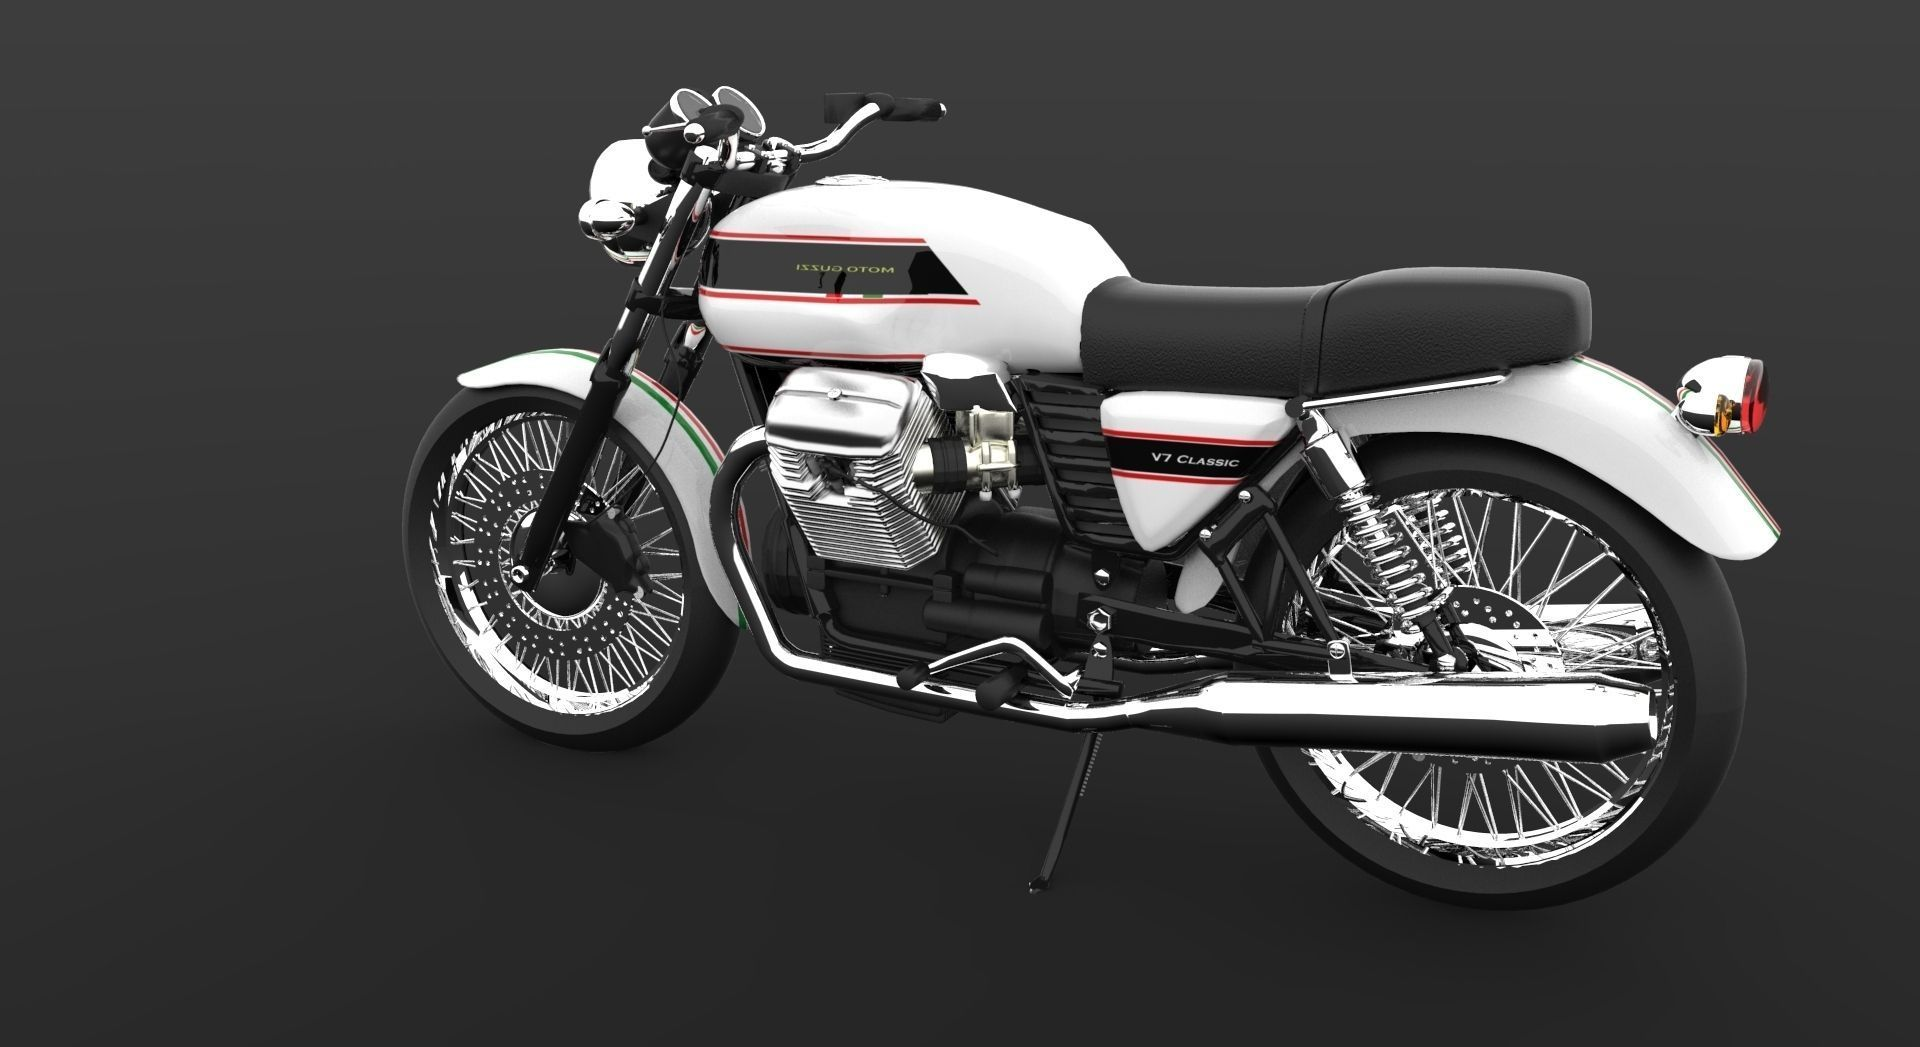 Moto Guzzi V7 Classic Cafe Racer 3d Model Obj 3dm